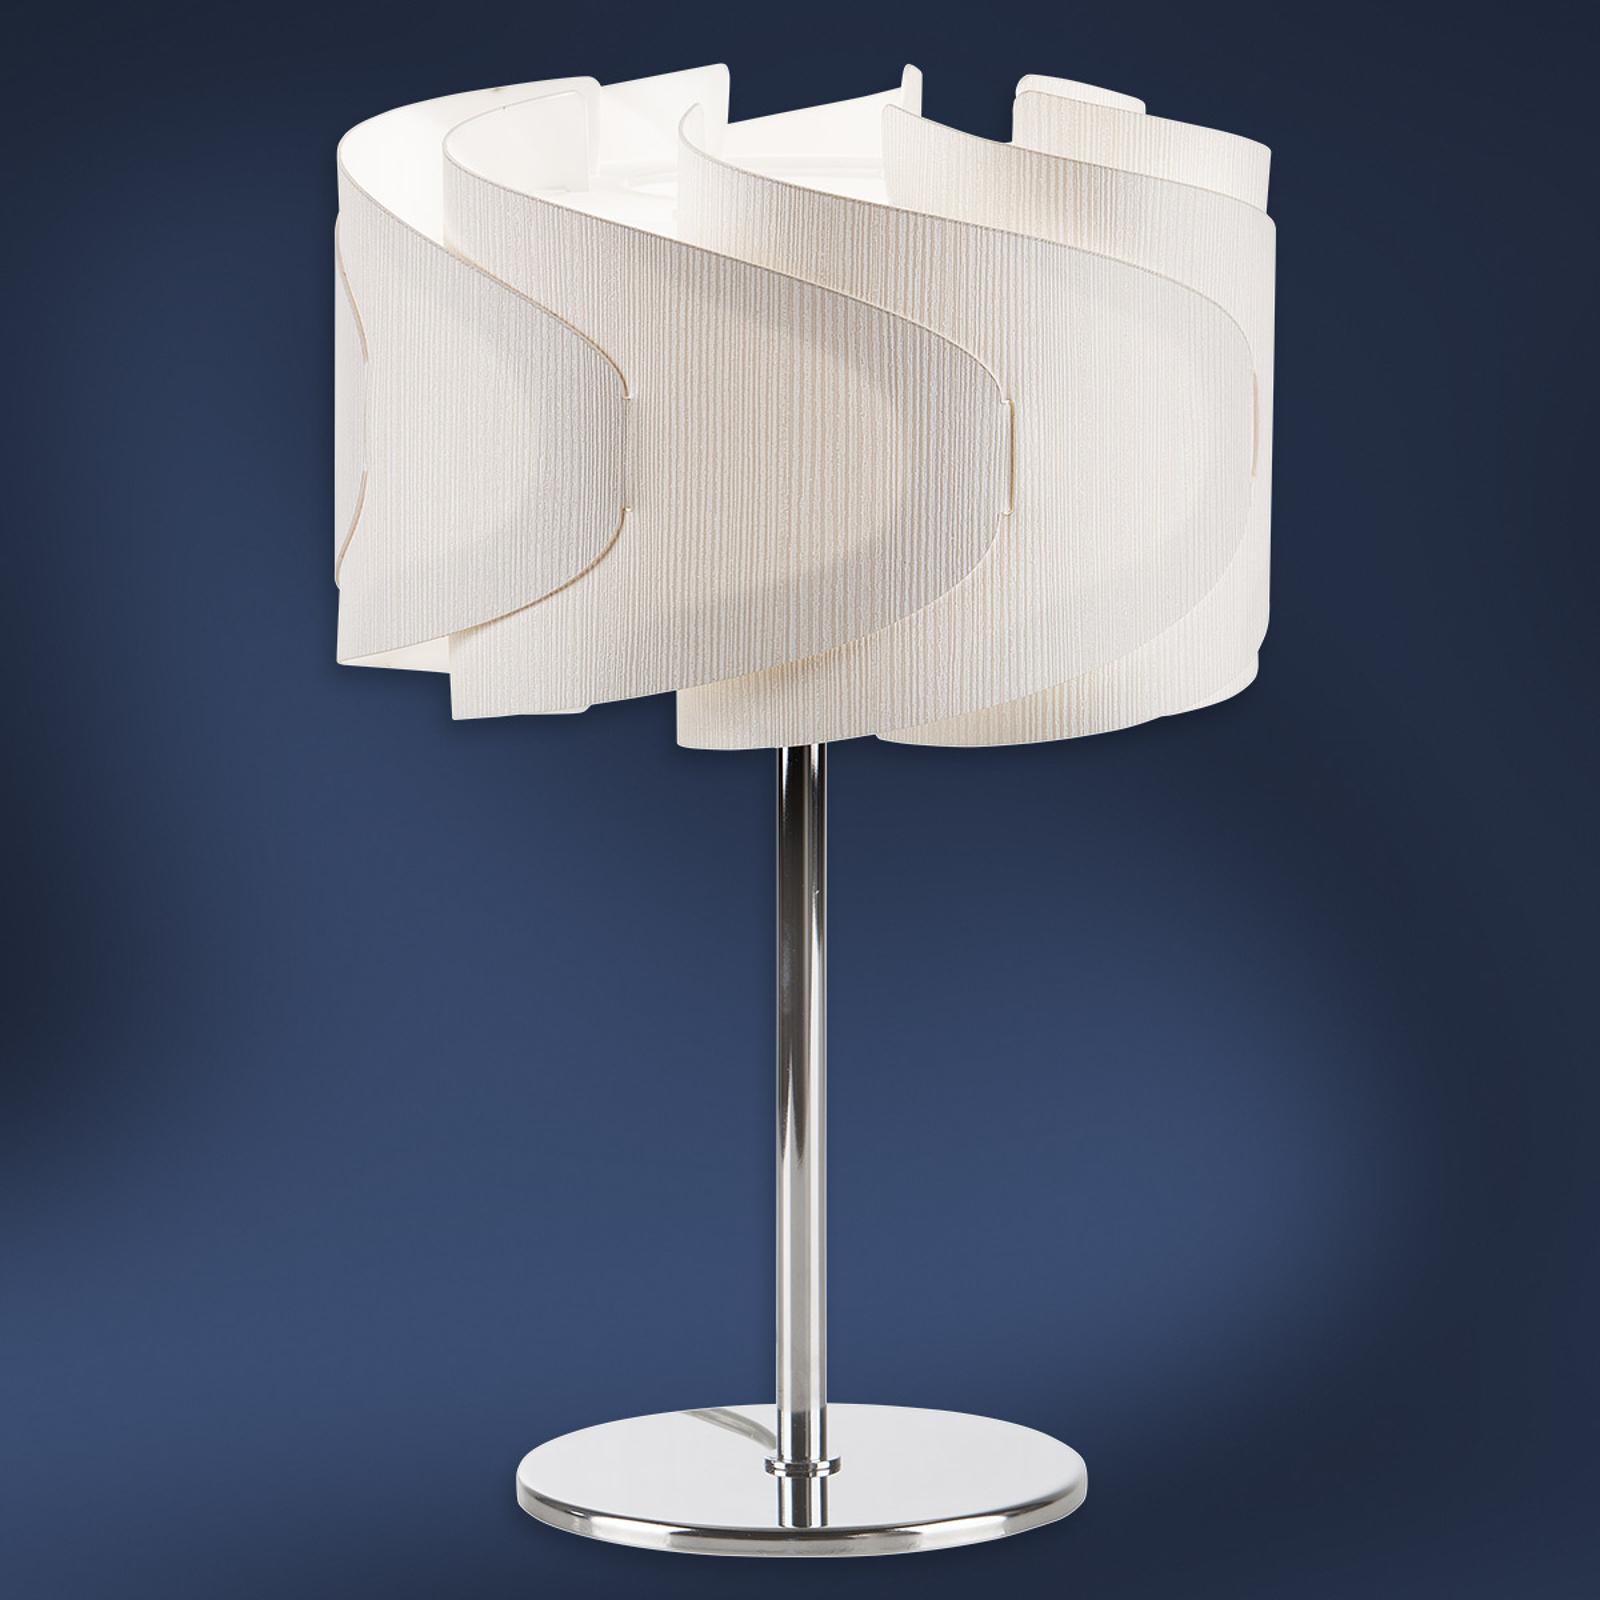 Lampe à poser Lumetto Ellix aspect bois